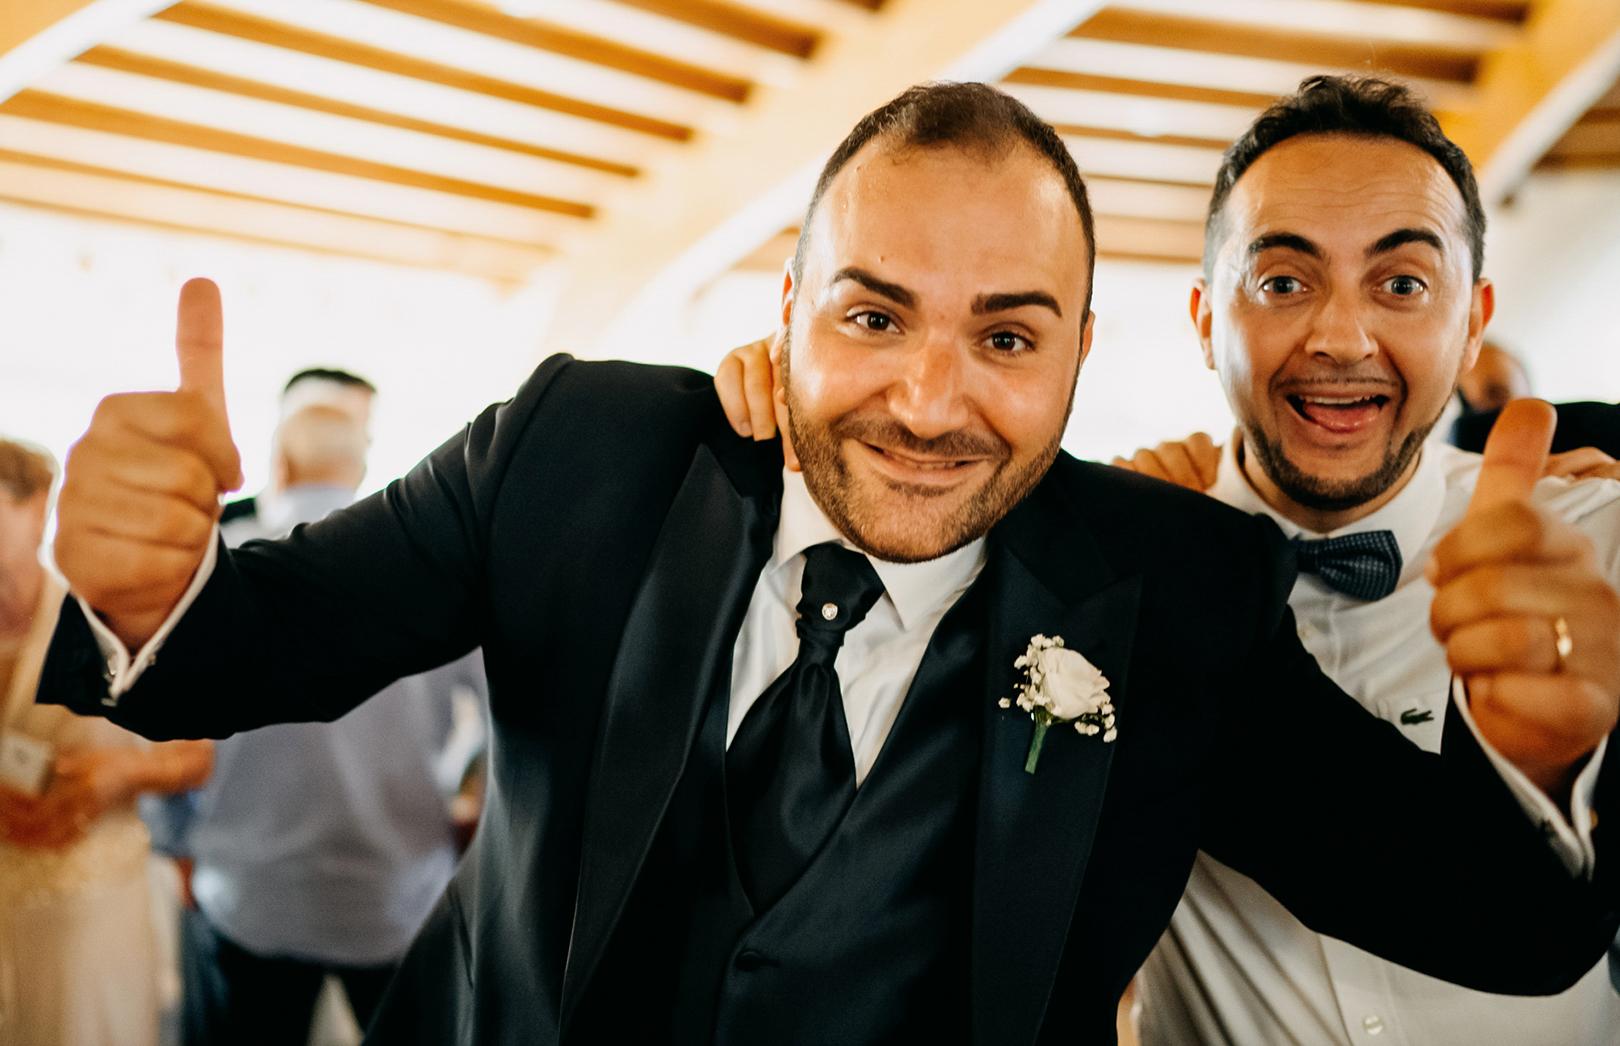 25 gianni-lepore-sposo-amici-festa